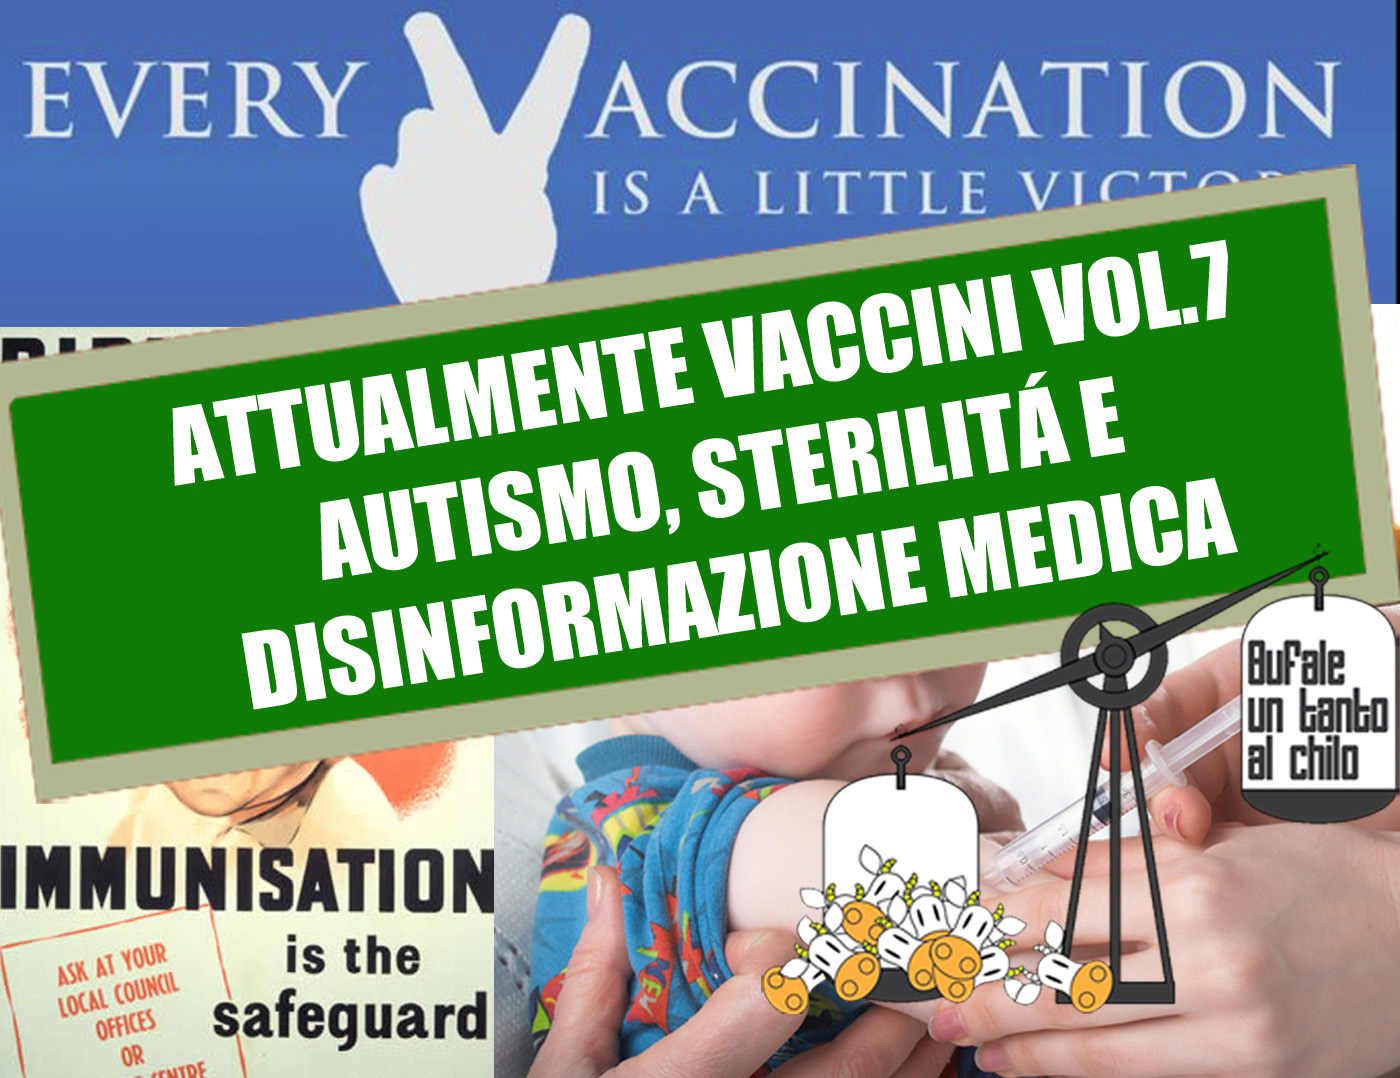 ATTUALMENTE-VACCINI-7